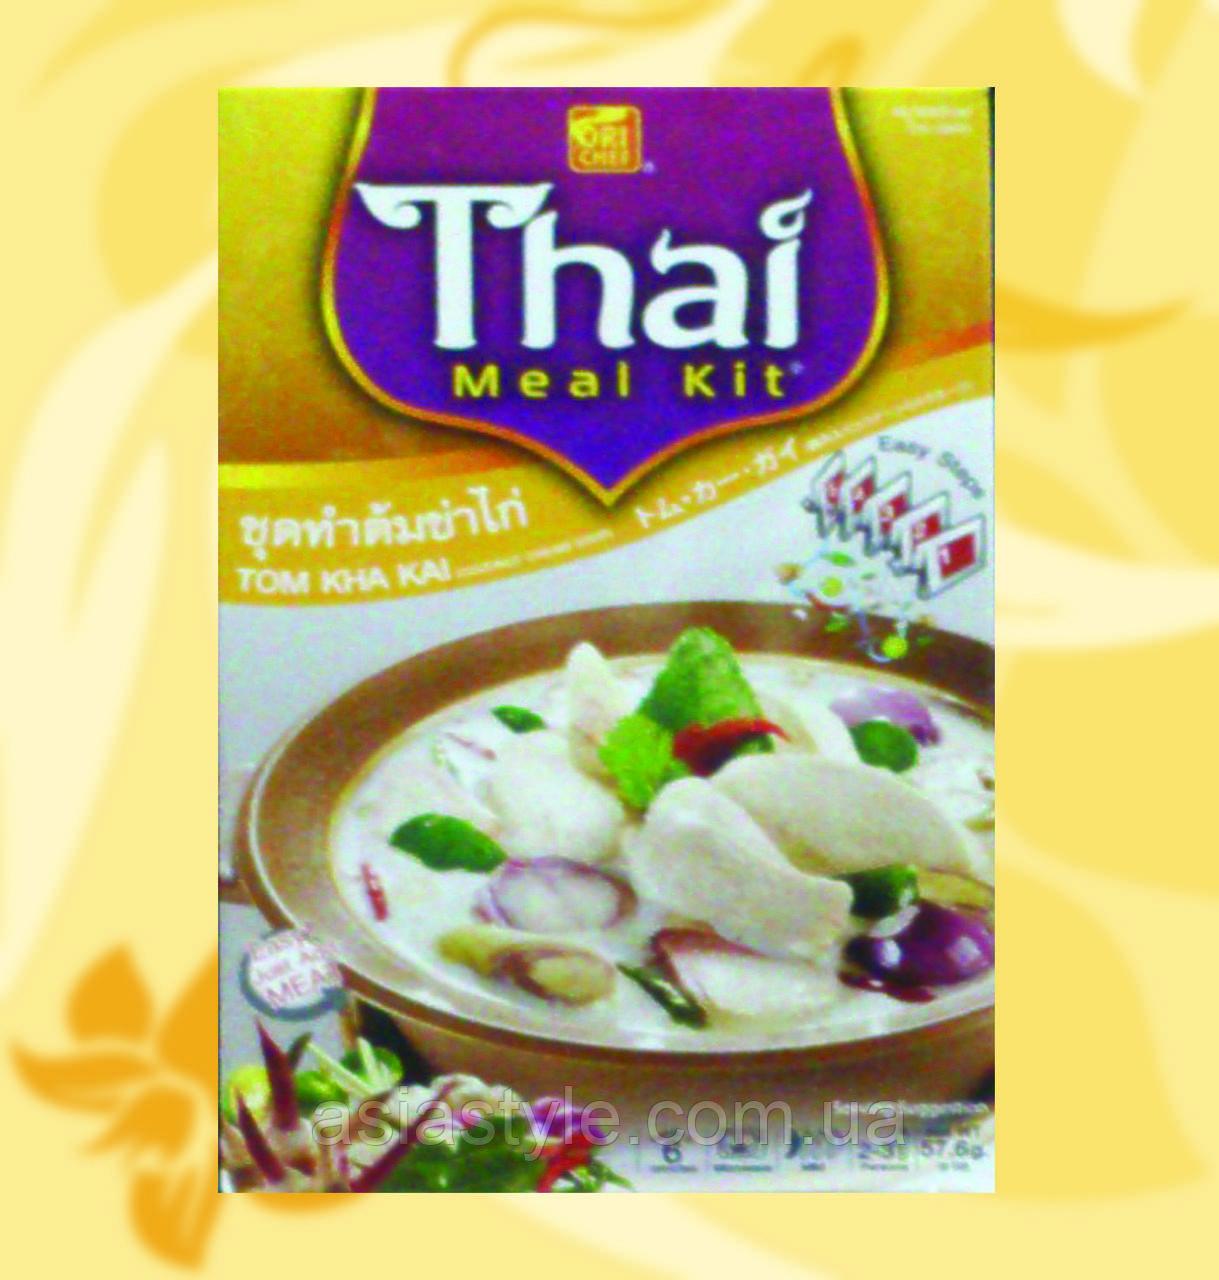 Набір для приготування тайського супу Том Кха, Thai Meal Kit, Том Kha, 57,6г, Фо